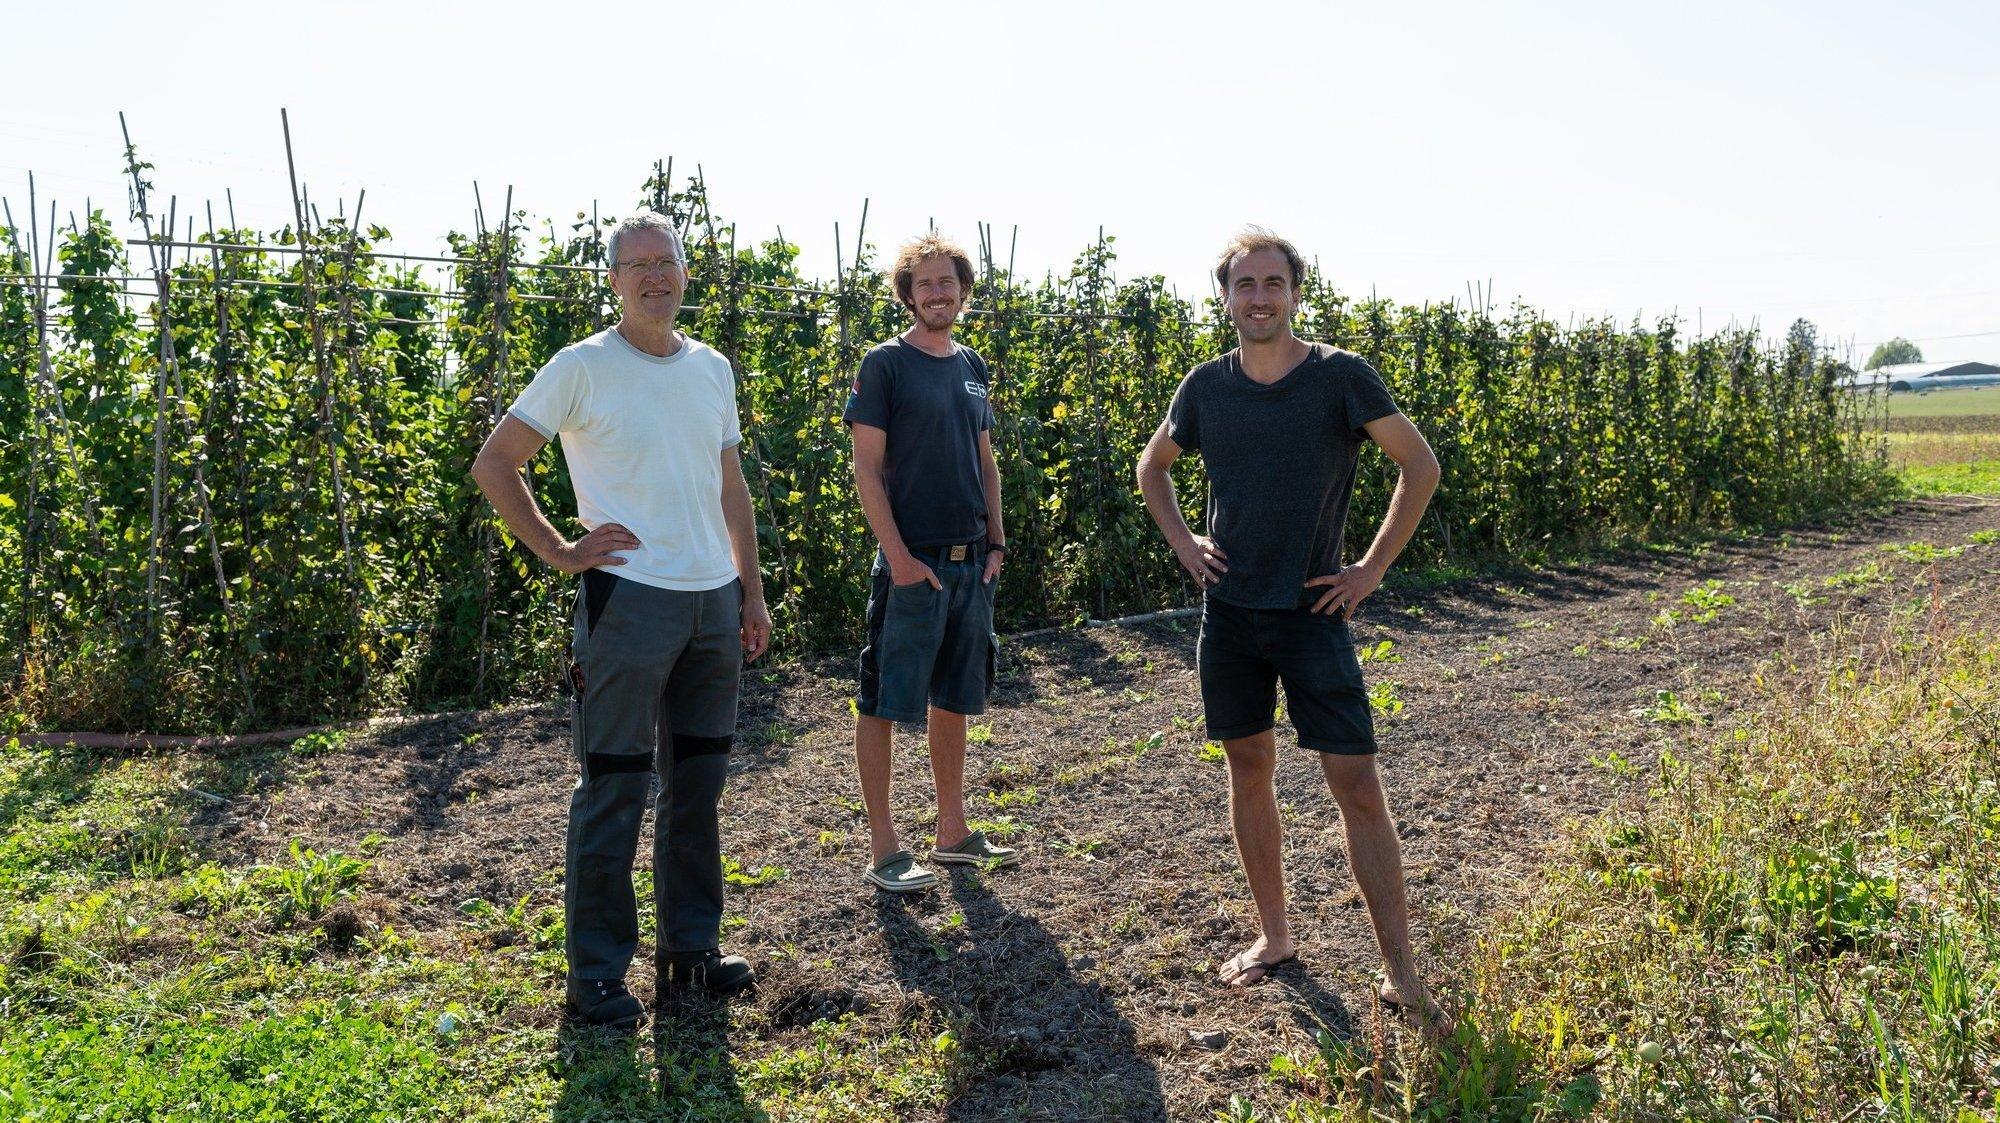 Raphaël Coquoz, président de l'association Rage de vert, avec les jardiniers Cédric Jecker et Sacha Dubois (de gauche à droite).